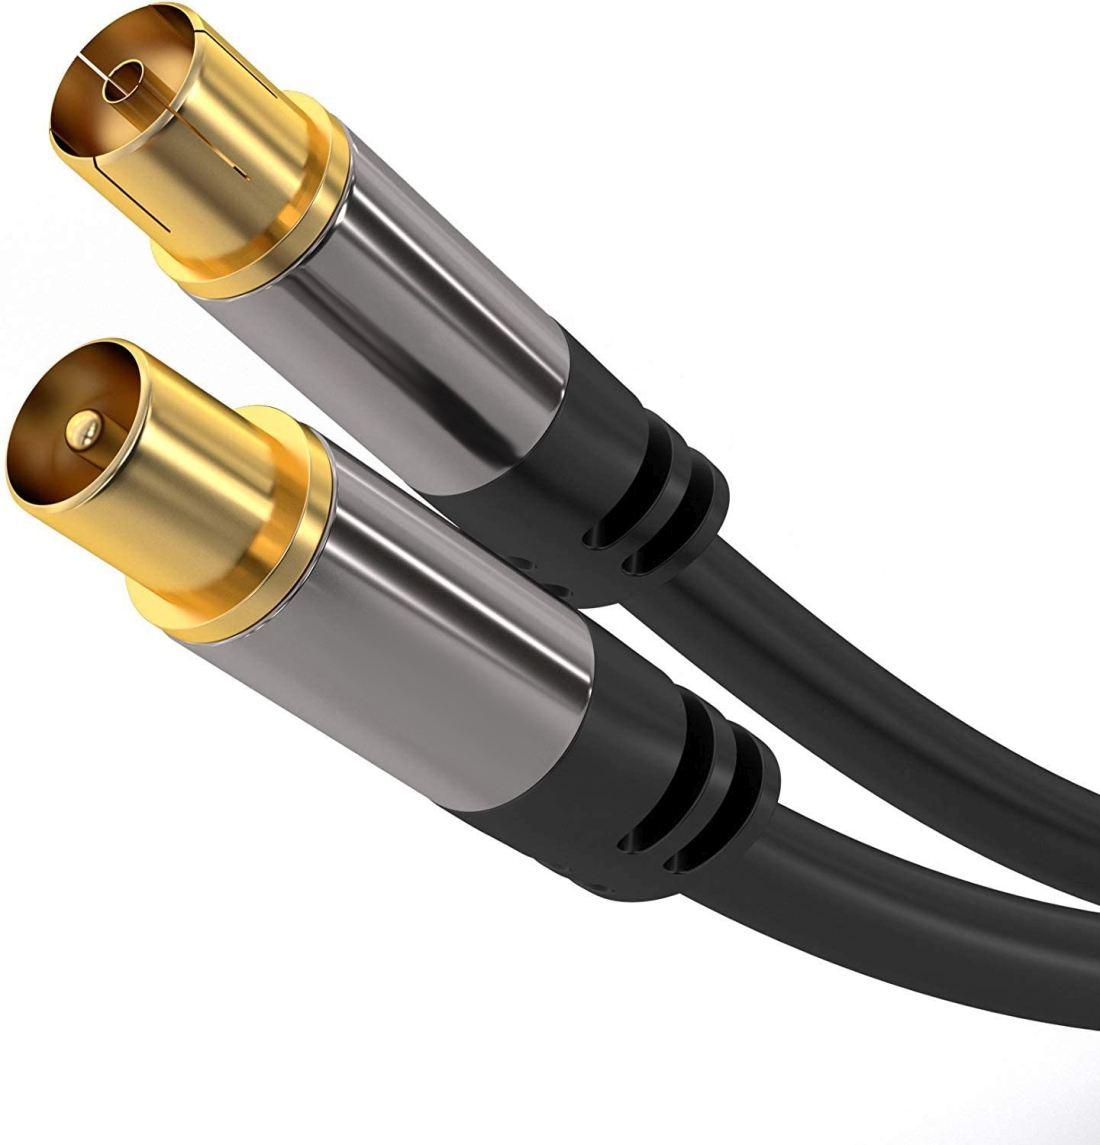 PremiumCord TV antenní HQ propojovací kabel M/F 75Ohm (135dB) 4x stíněný 5m - kjqiec5